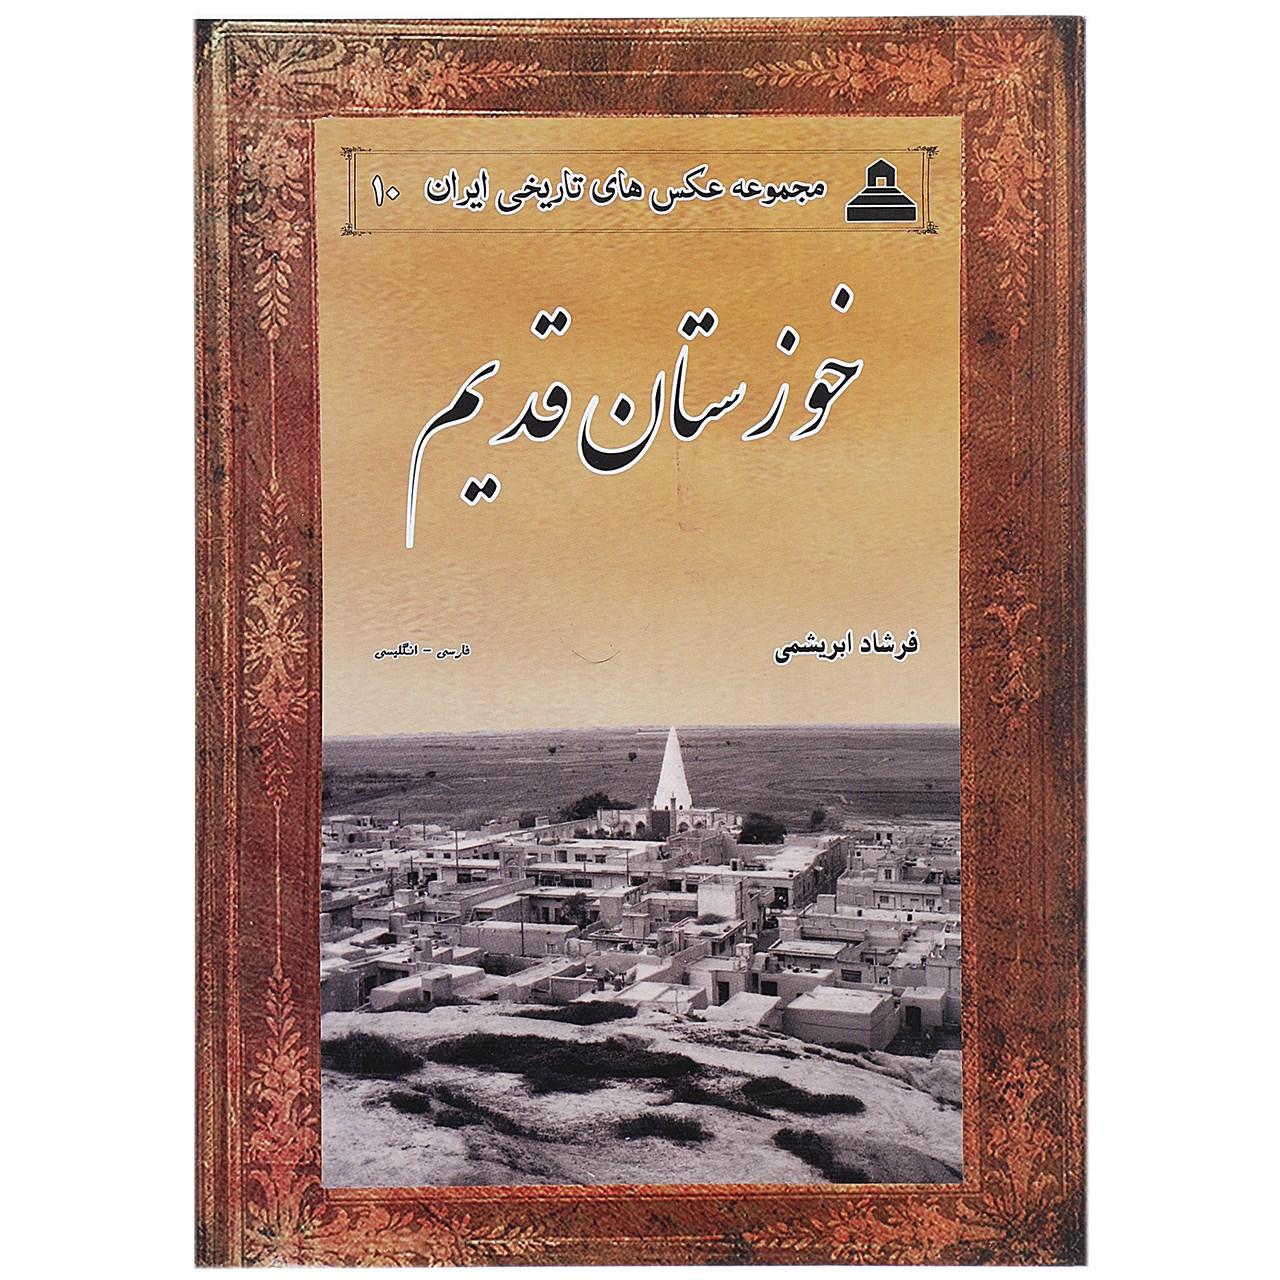 کتاب خوزستان قدیم اثر فرشاد ابریشمی